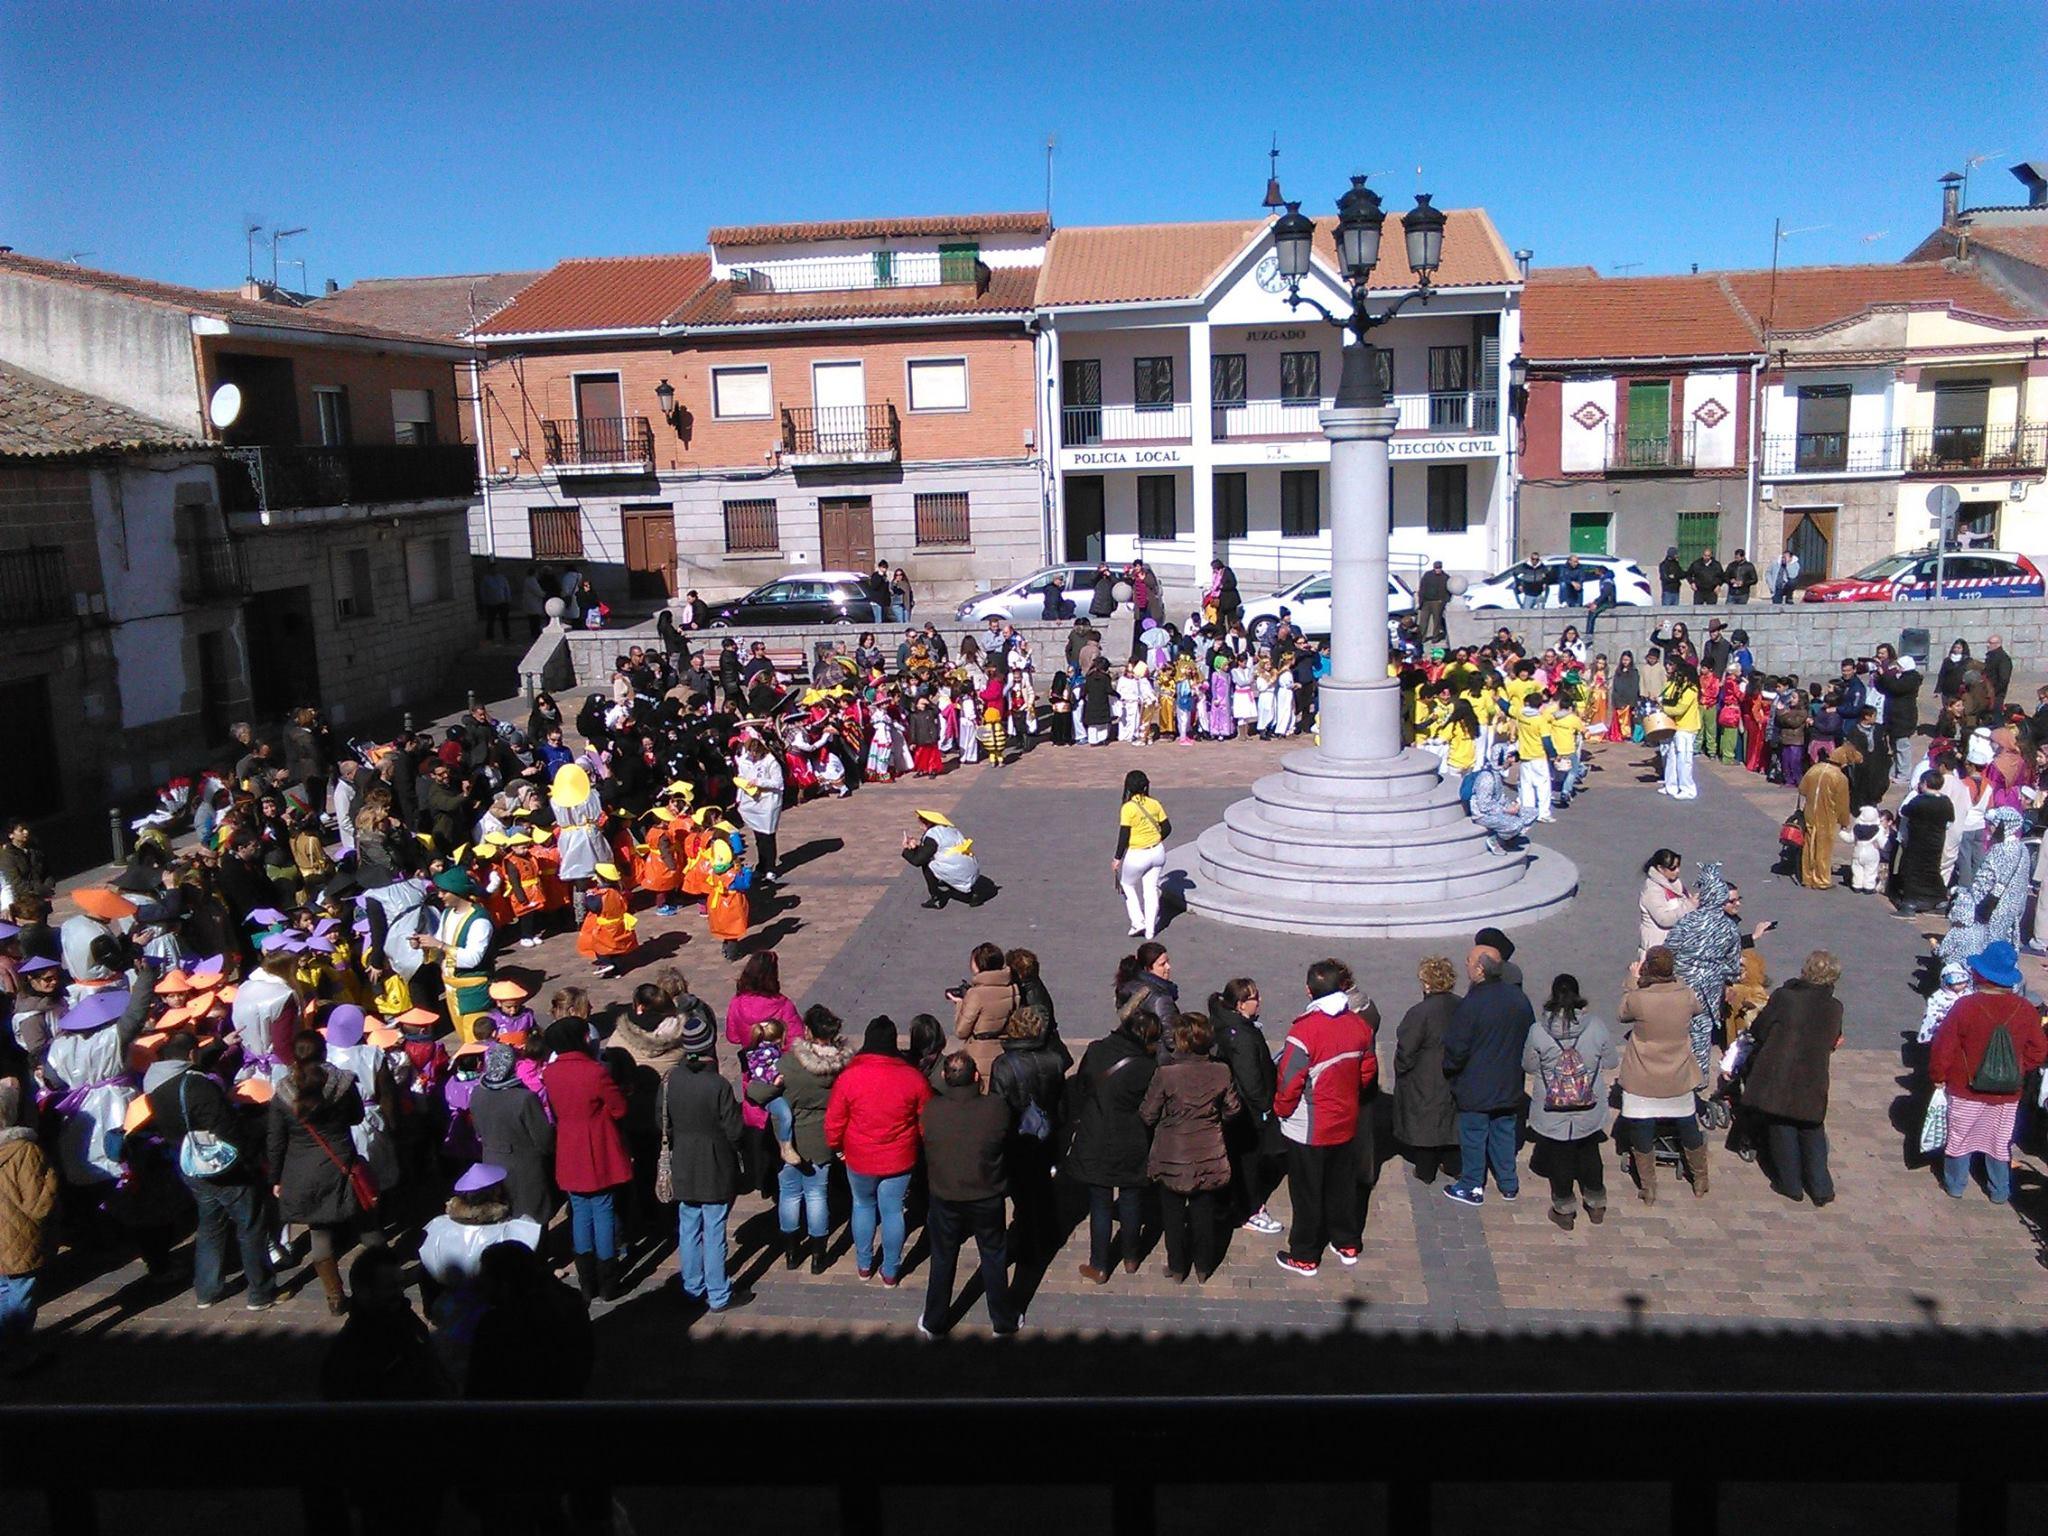 Navas del rey celebr su carnaval a21 peri dico gratuito - Pavimarsa navas del rey ...